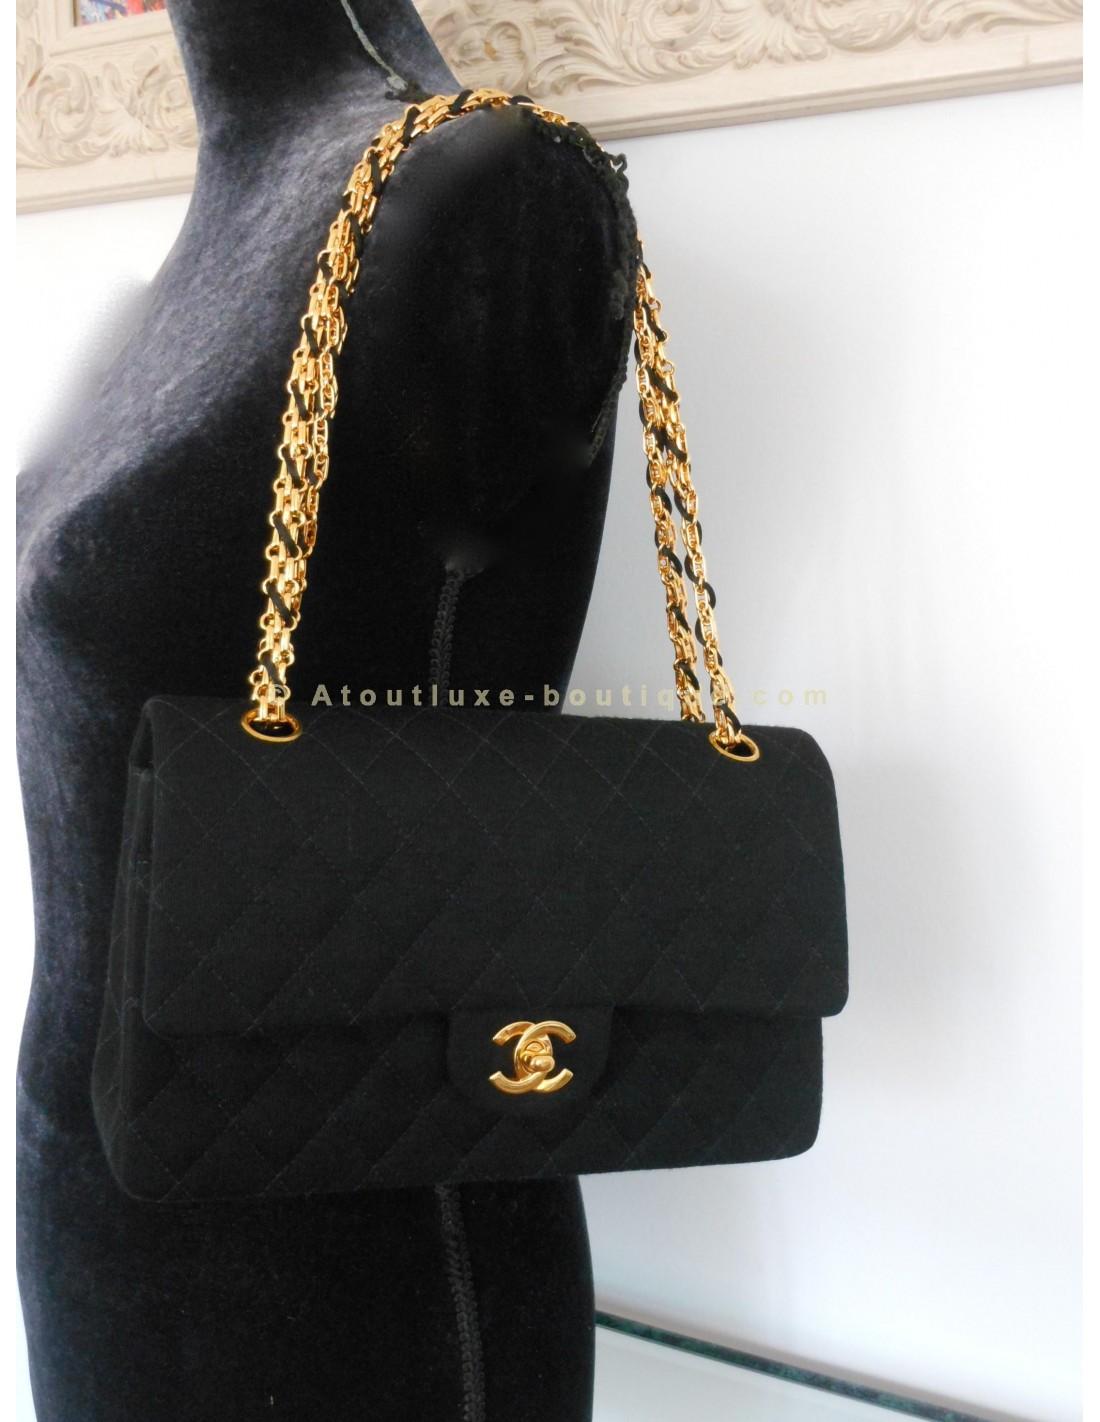 sac chanel noir classique 33b605c8ef8